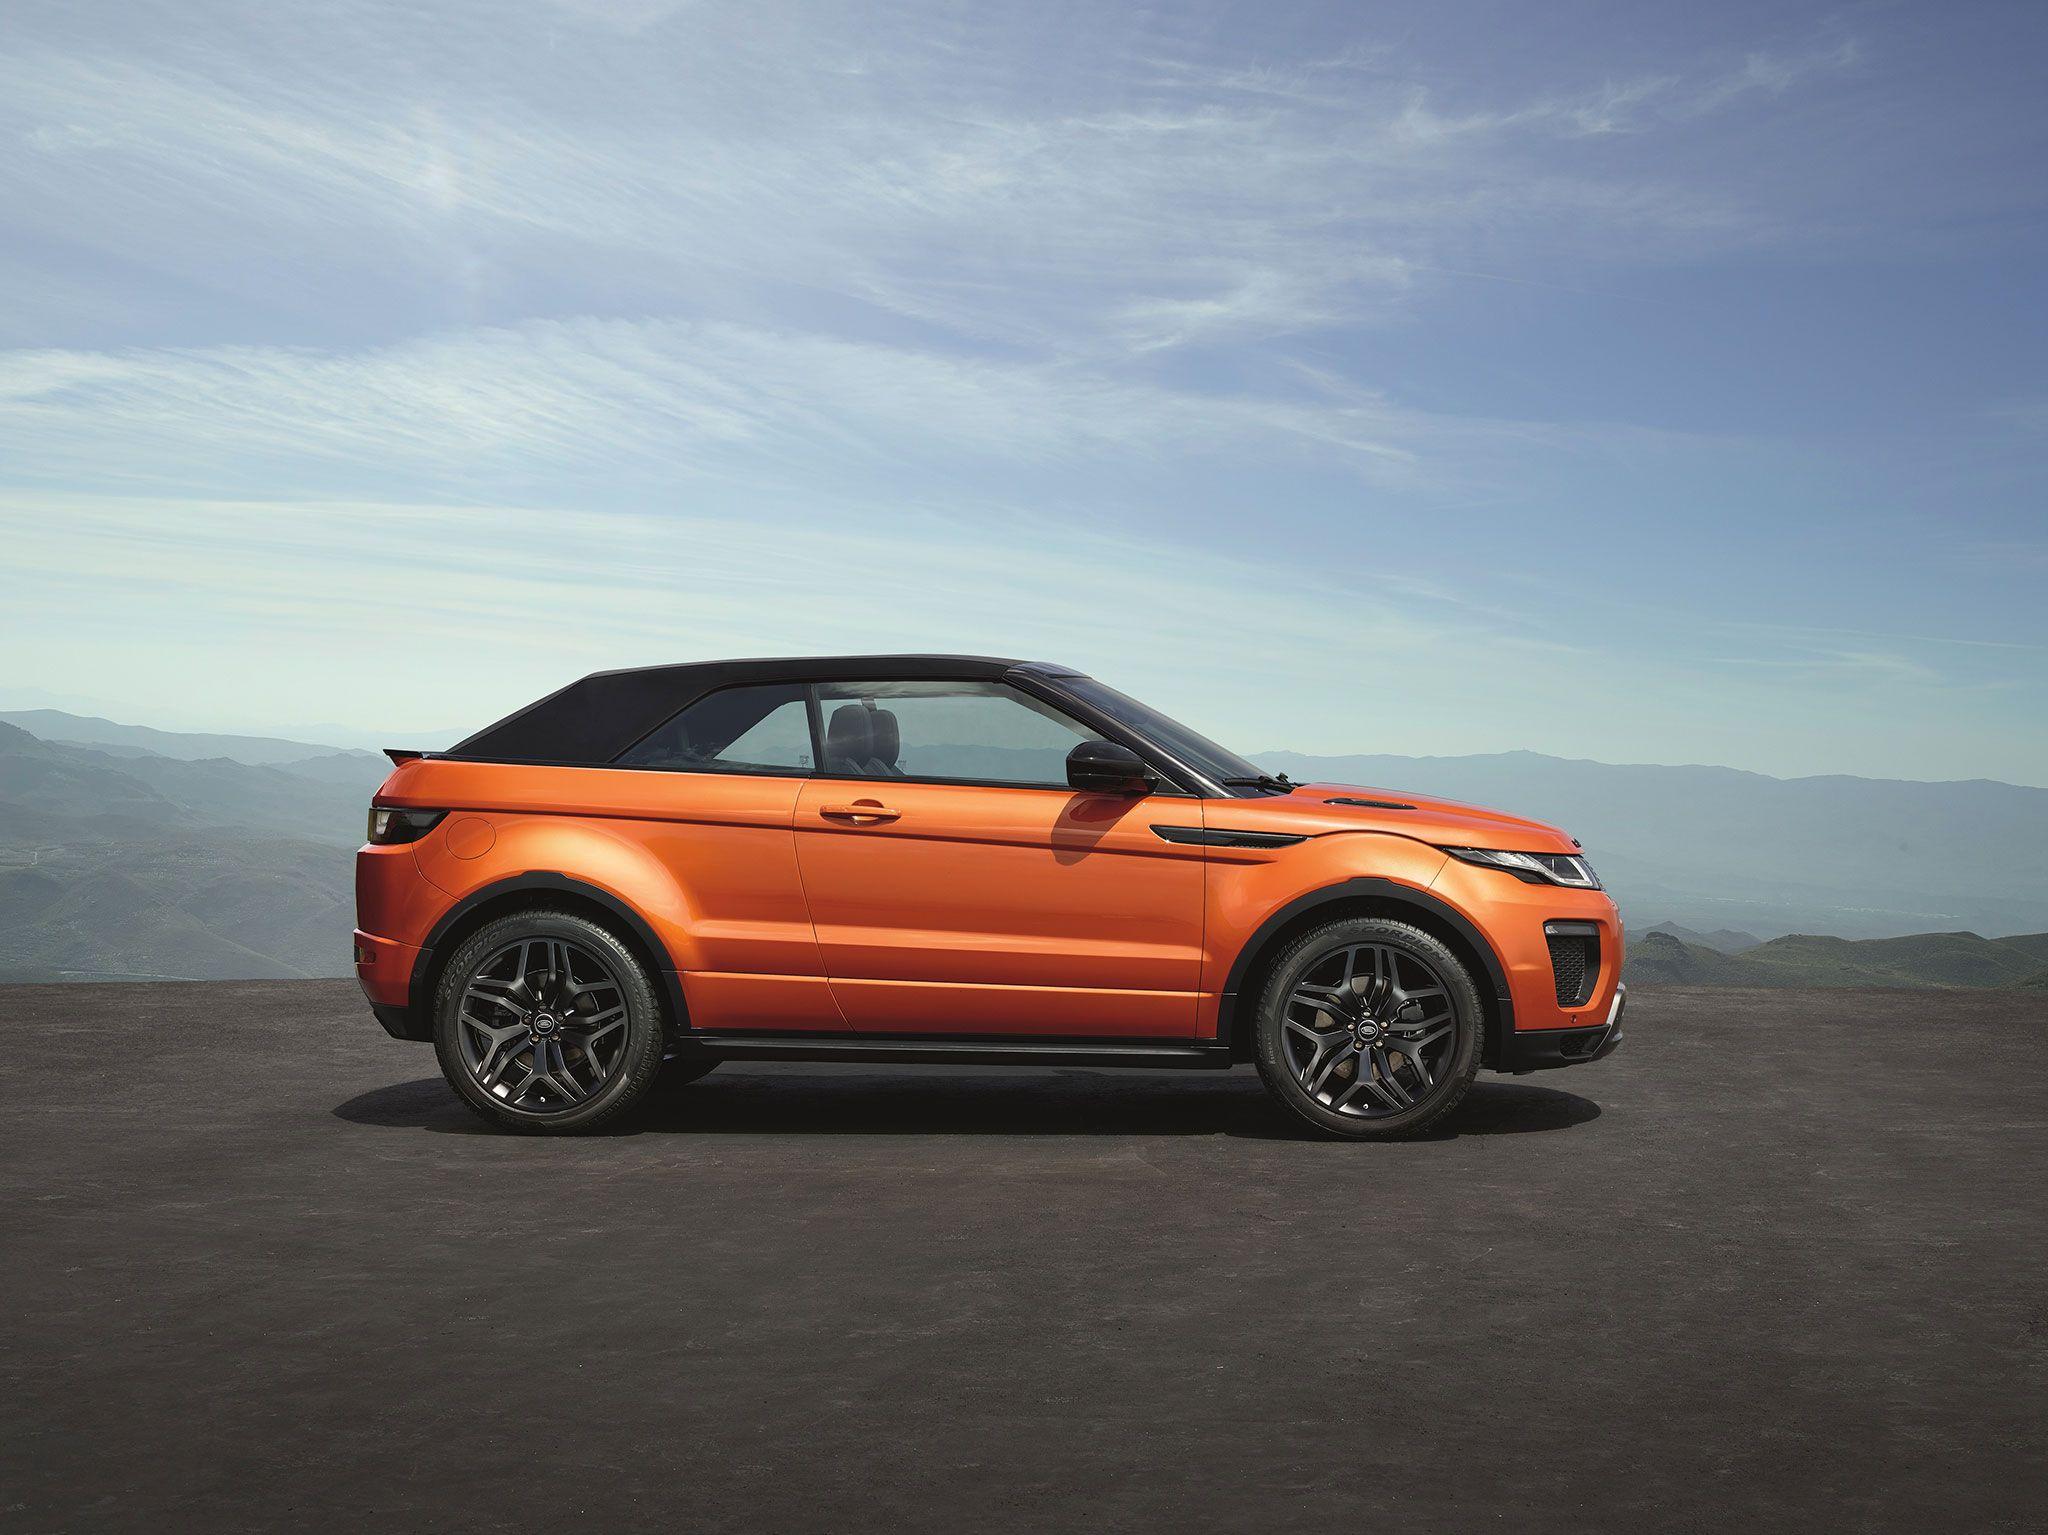 Los Angeles 2015 Range Rover Evoque Cabrio